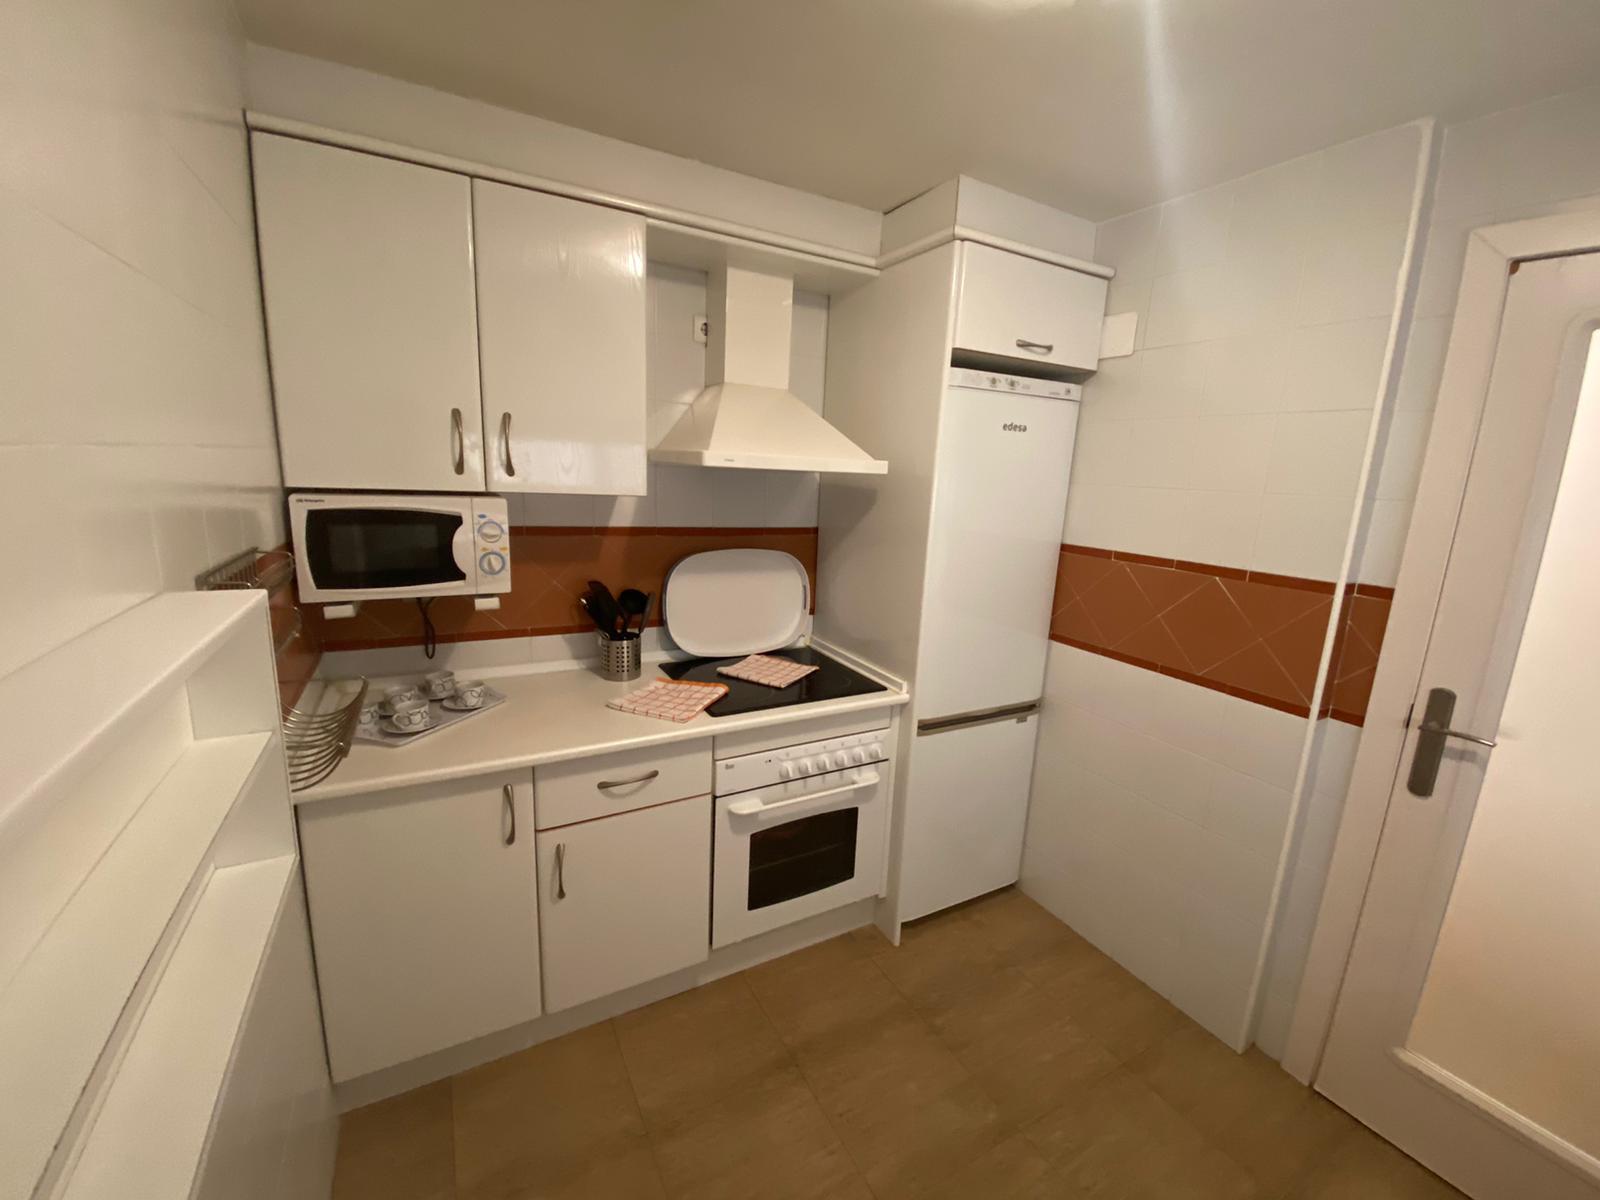 Imagen 11 del Apartamento Turístico, Ático 8 Poniente (3d+2b), Punta del Moral (HUELVA), Paseo de la Cruz nº22